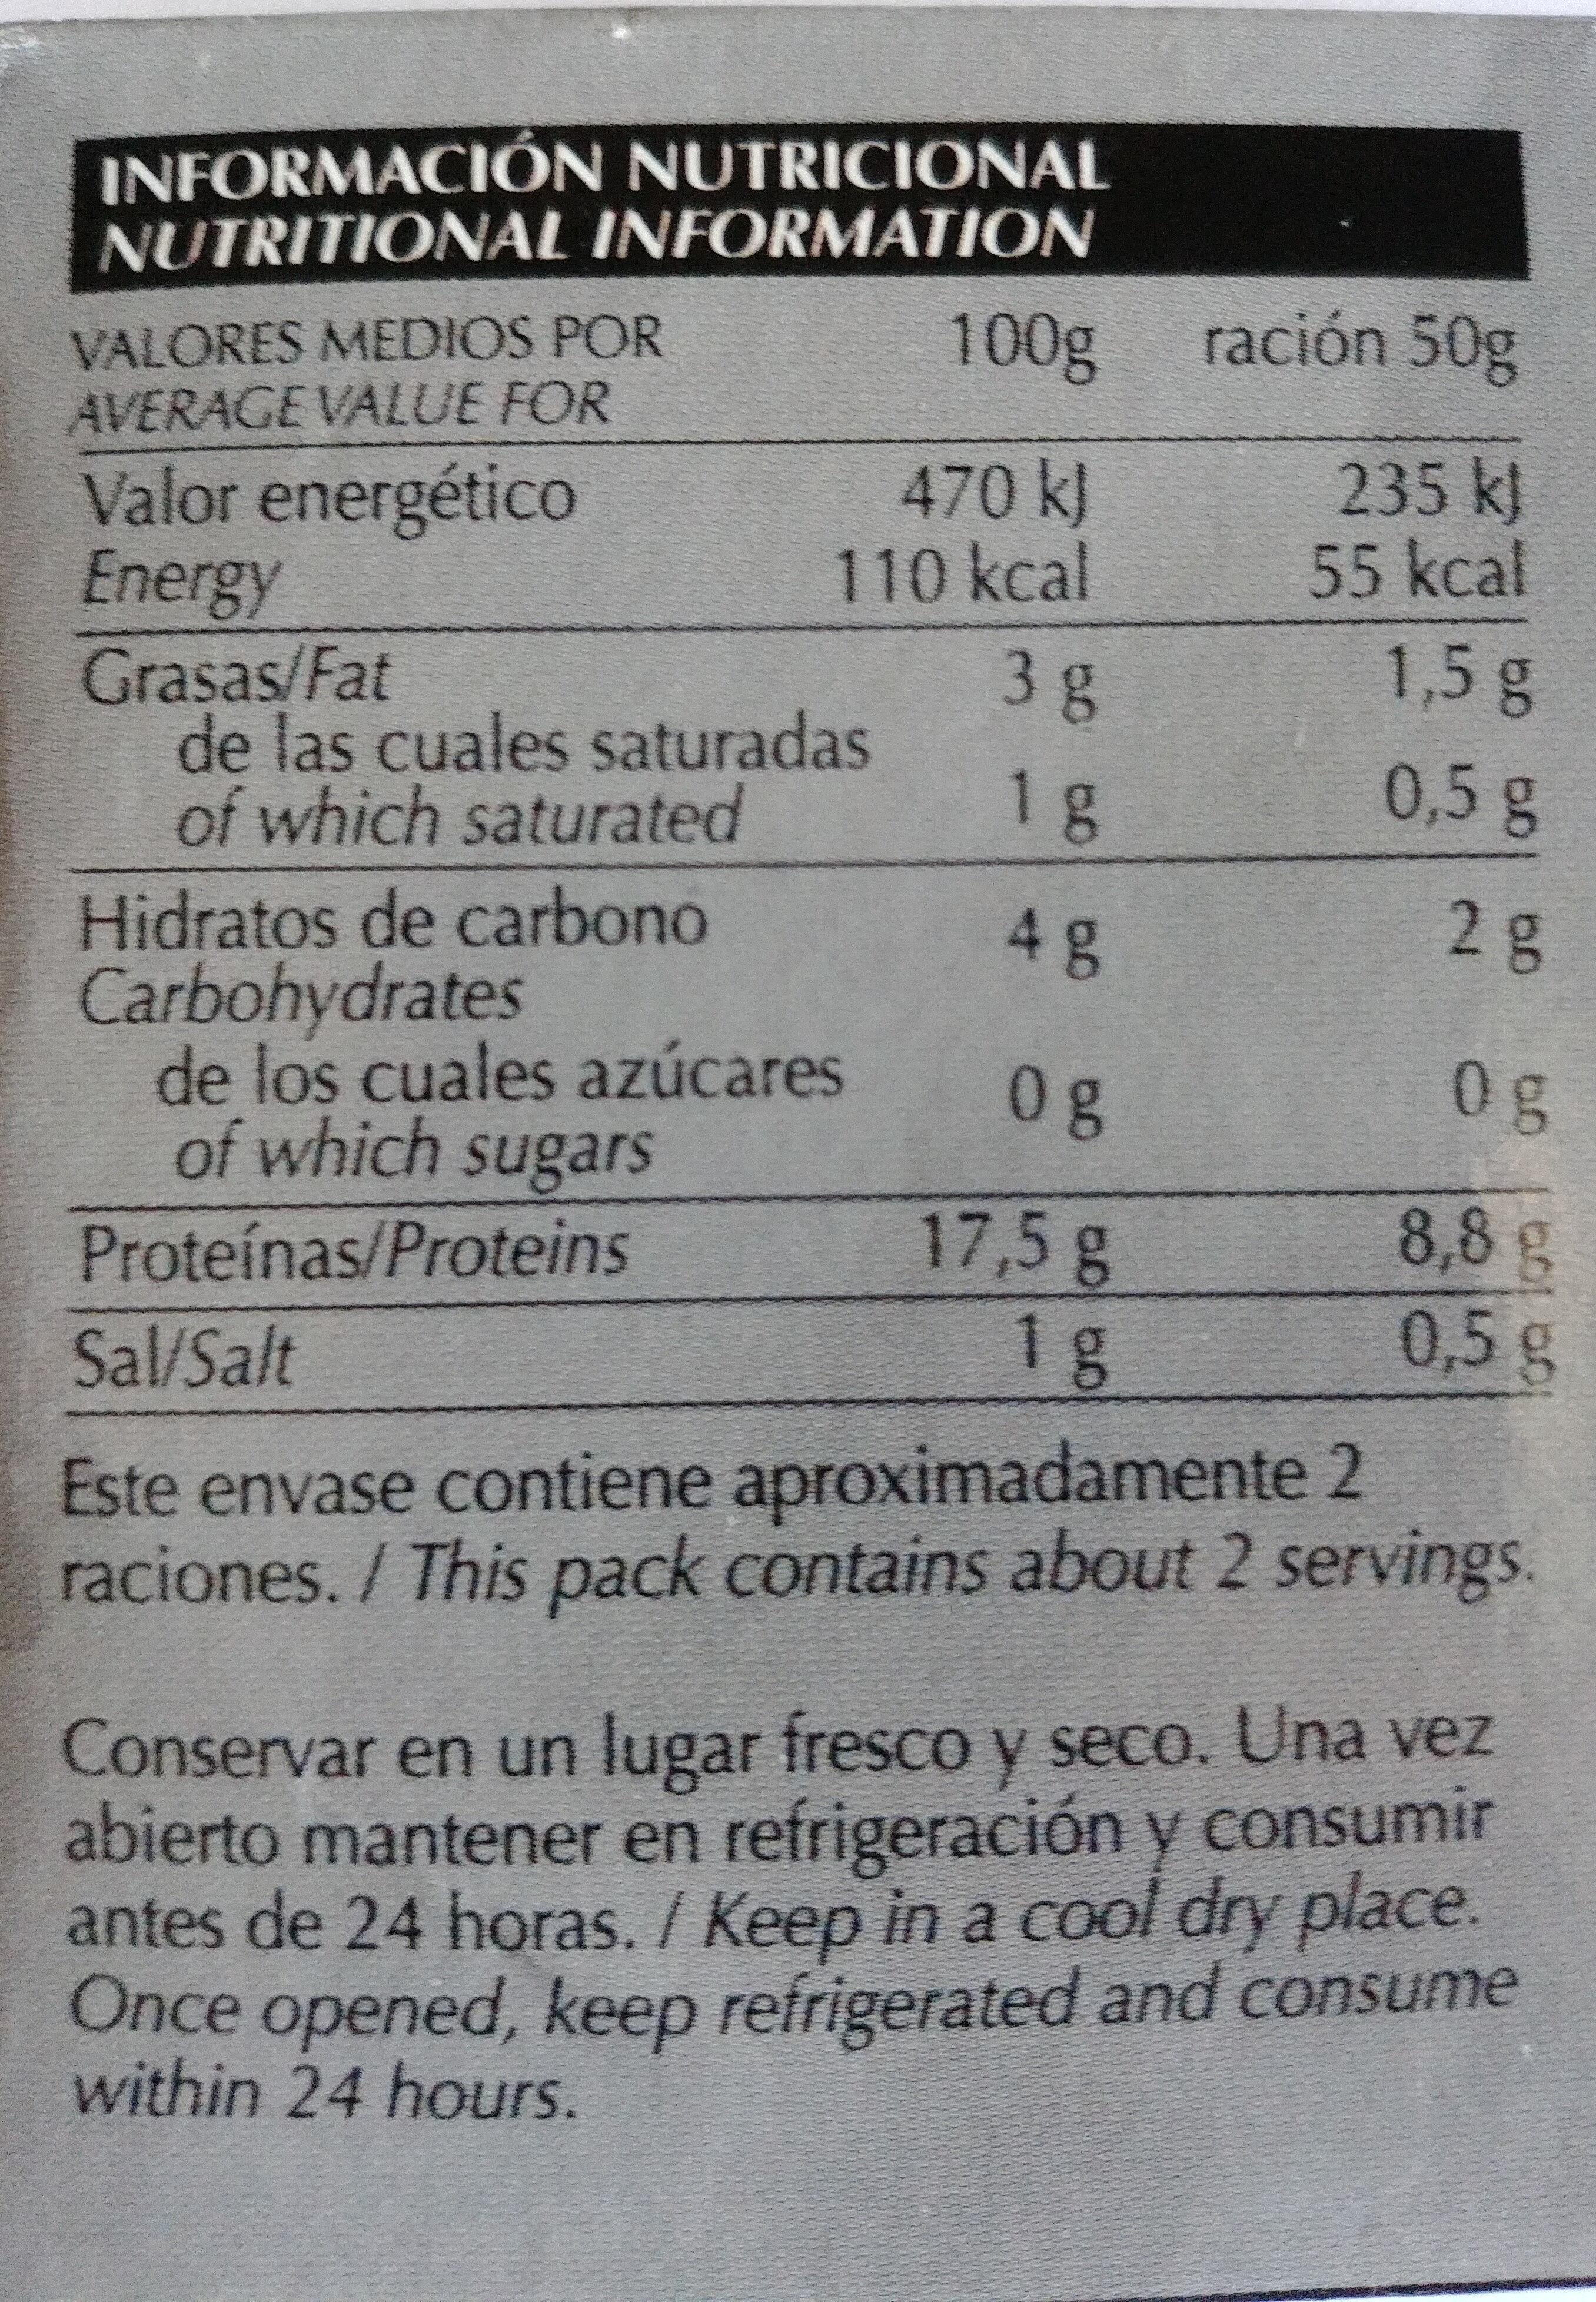 Almejas blancas en salsa marinera - Información nutricional